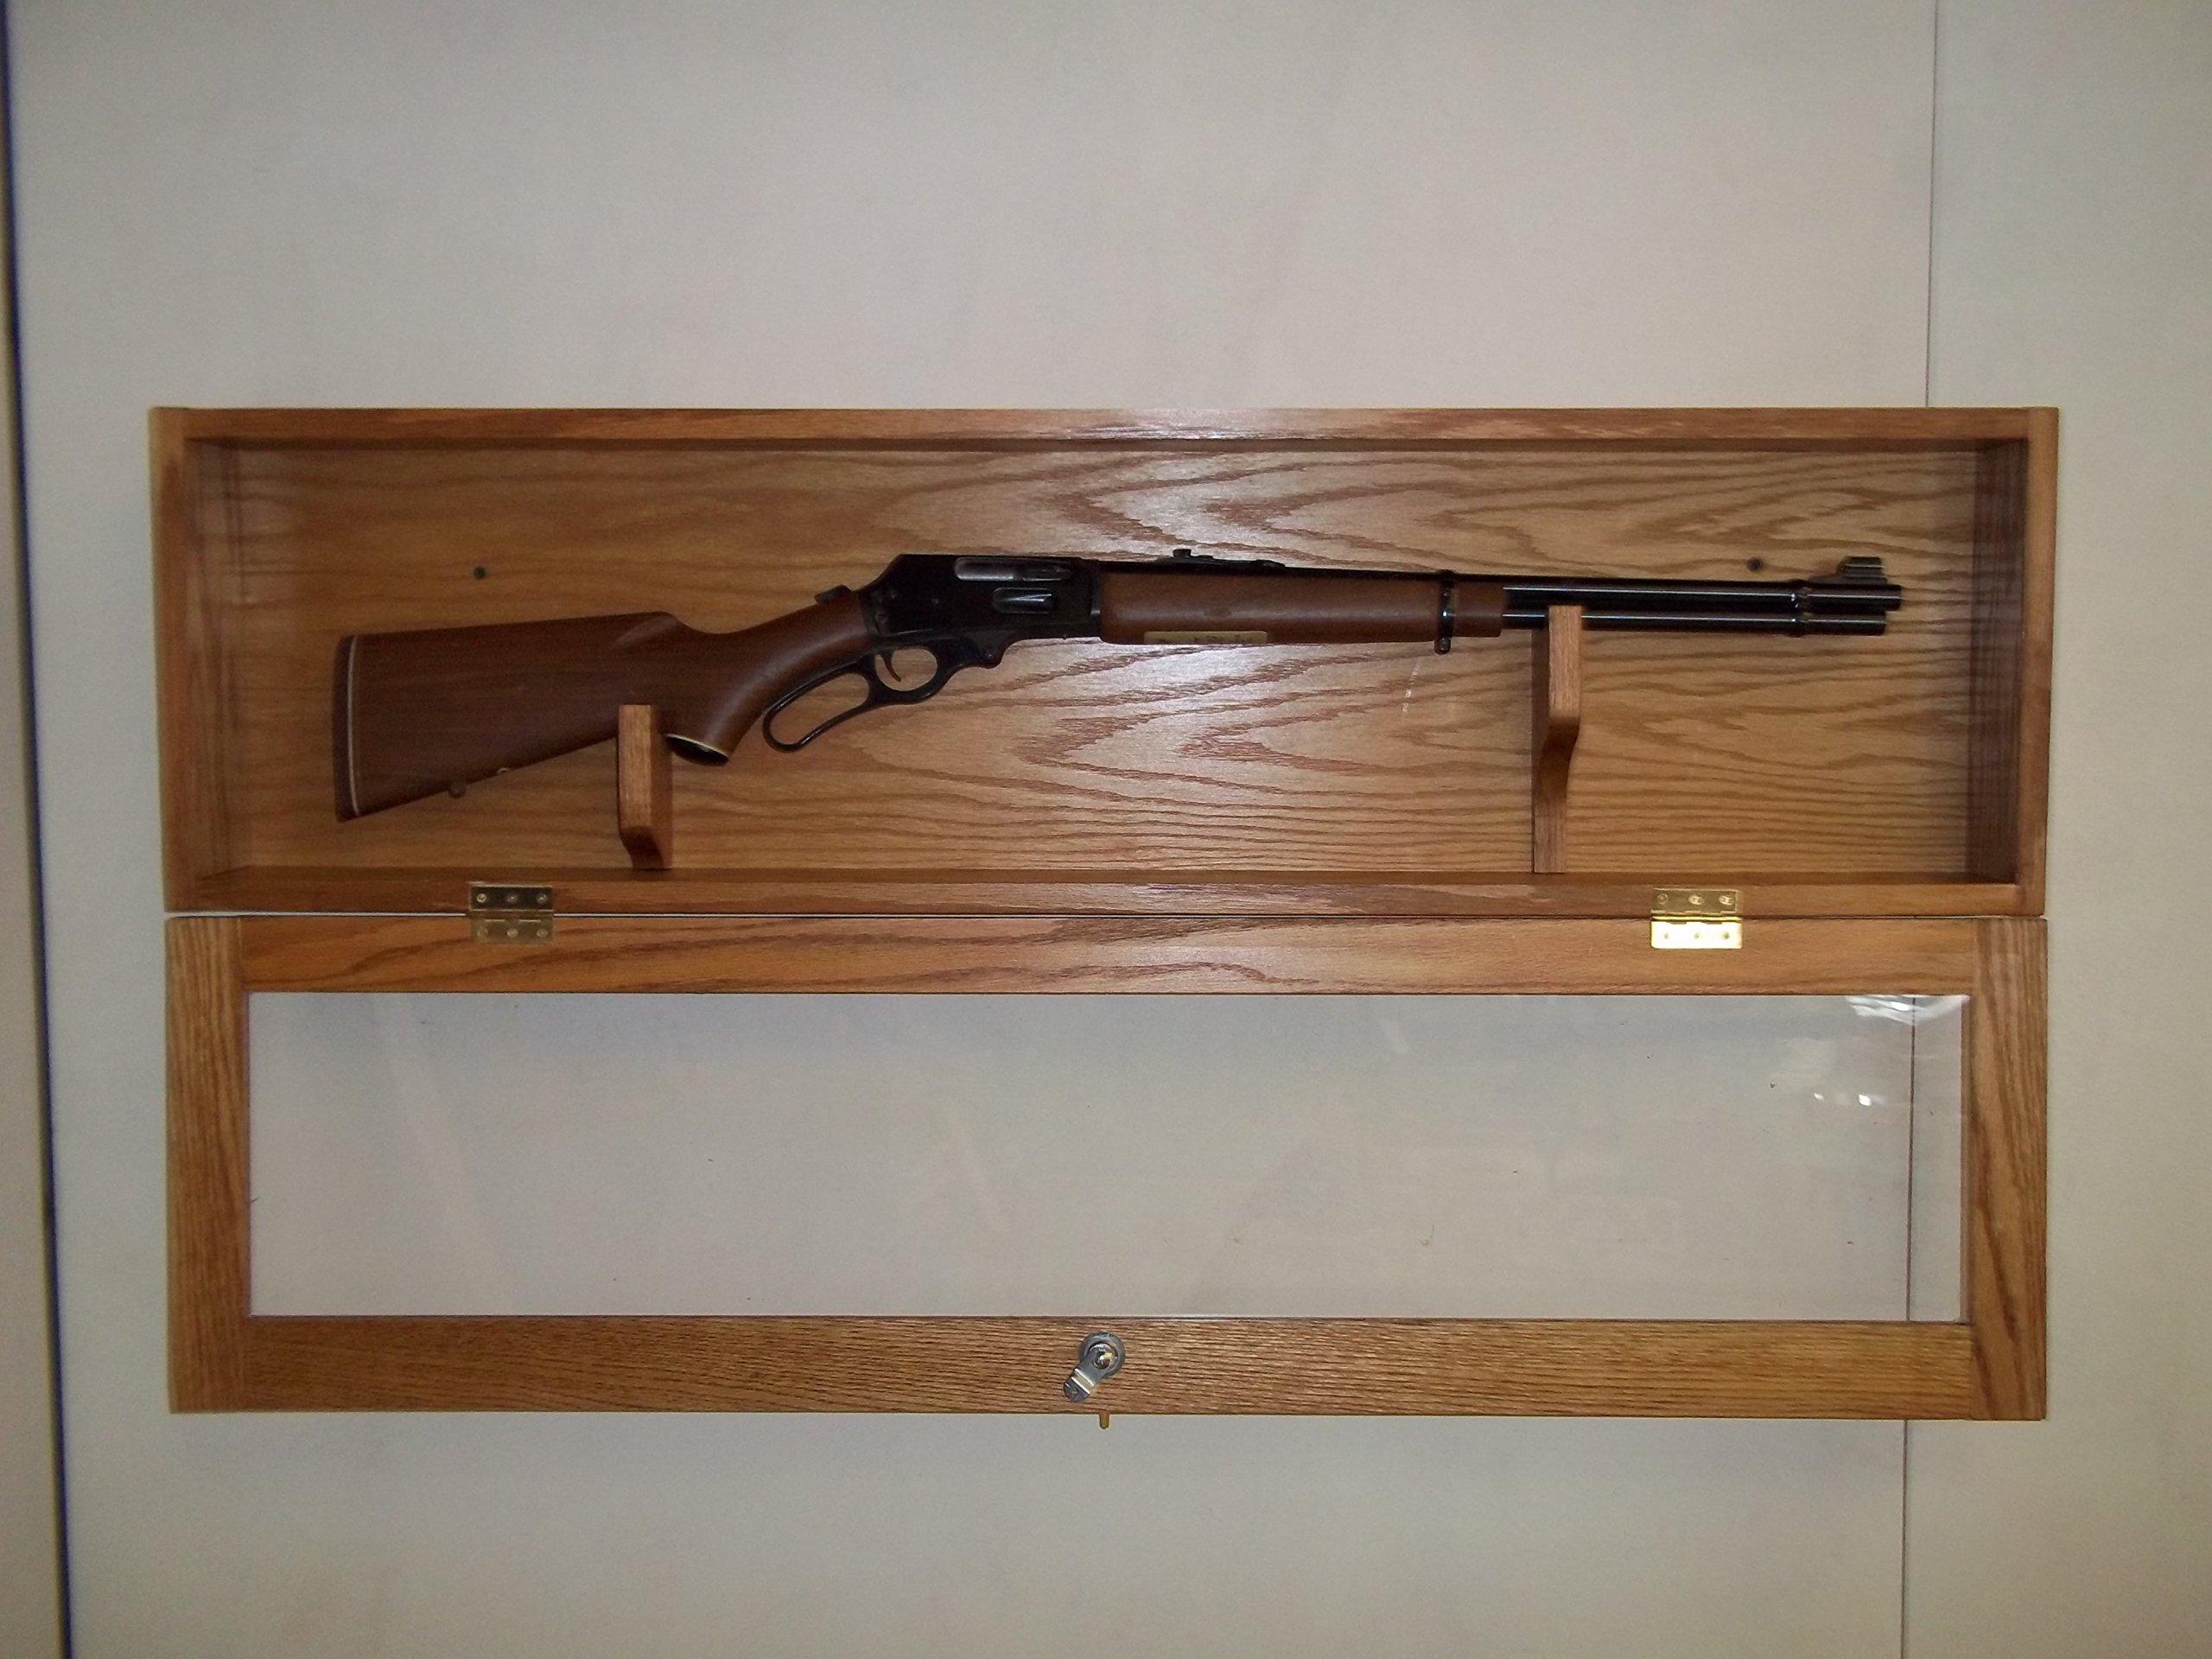 Locking Gun Display Case for 30-30